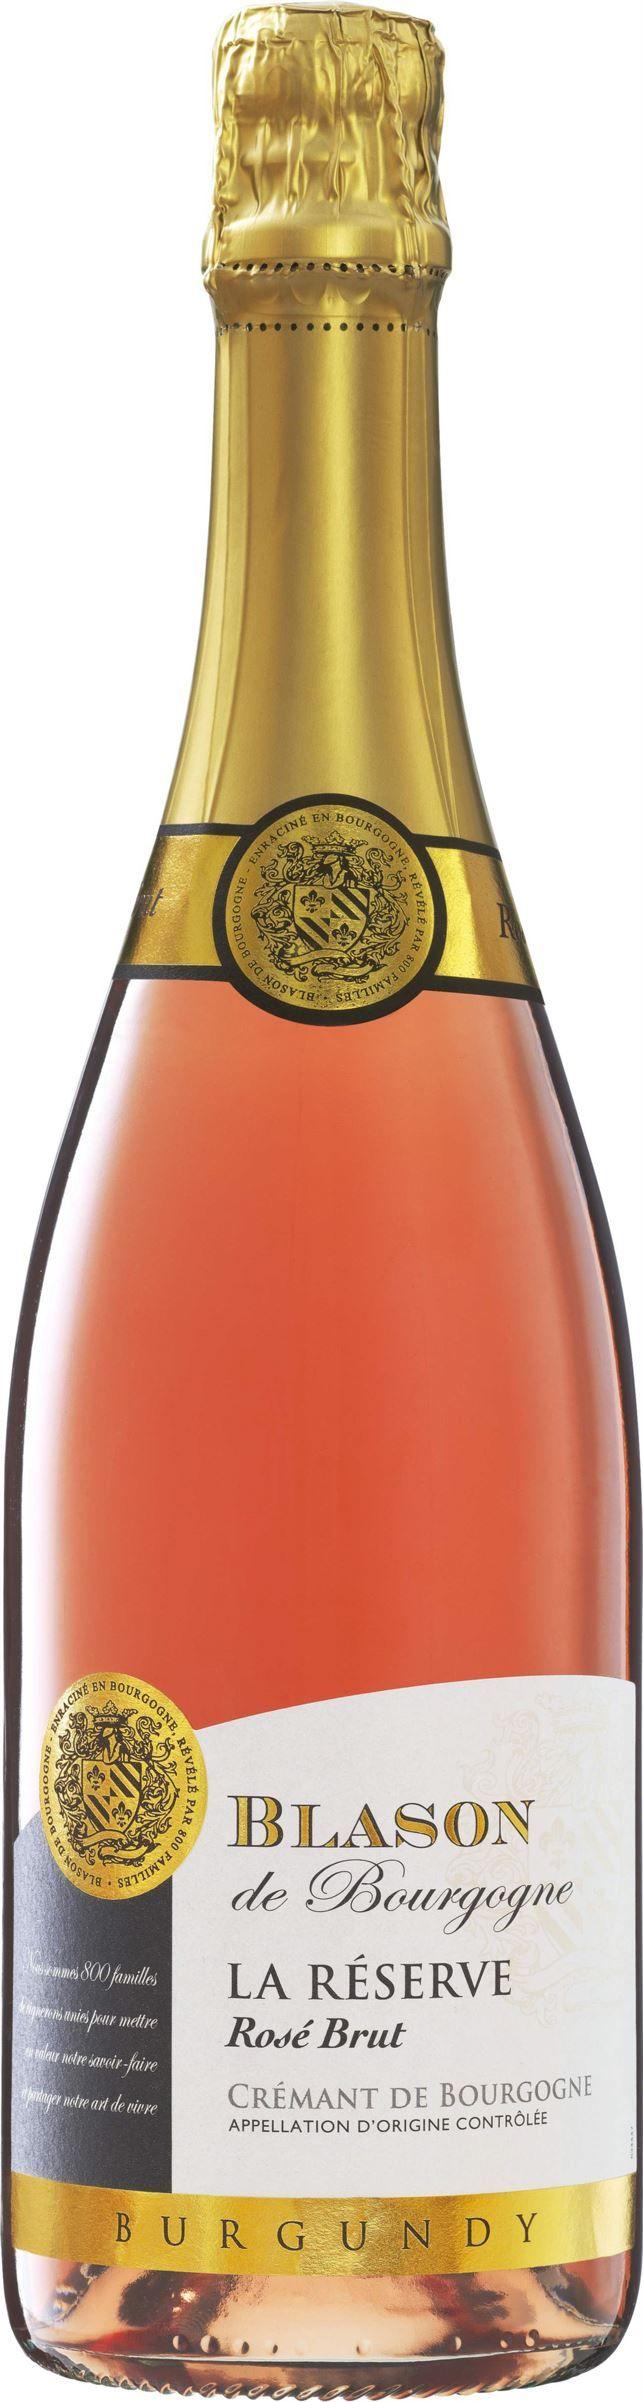 """Mousserande<br><span class=""""wasp-icon""""></span><span class=""""wasp-icon""""></span><span class=""""wasp-icon""""></span><span class=""""wasp-icon""""></span><span class=""""wasp-icon""""></span><br><strong>Blason de Bourgogne Crémant de Bourgogne Rosé Brut<br>(7687) Frankrike, 99 kr</strong><br>Ren, frisk och torr smak med toner av vinbär, smultron, mineraler och färskt bröd. Gott till en lax- och räktartar."""